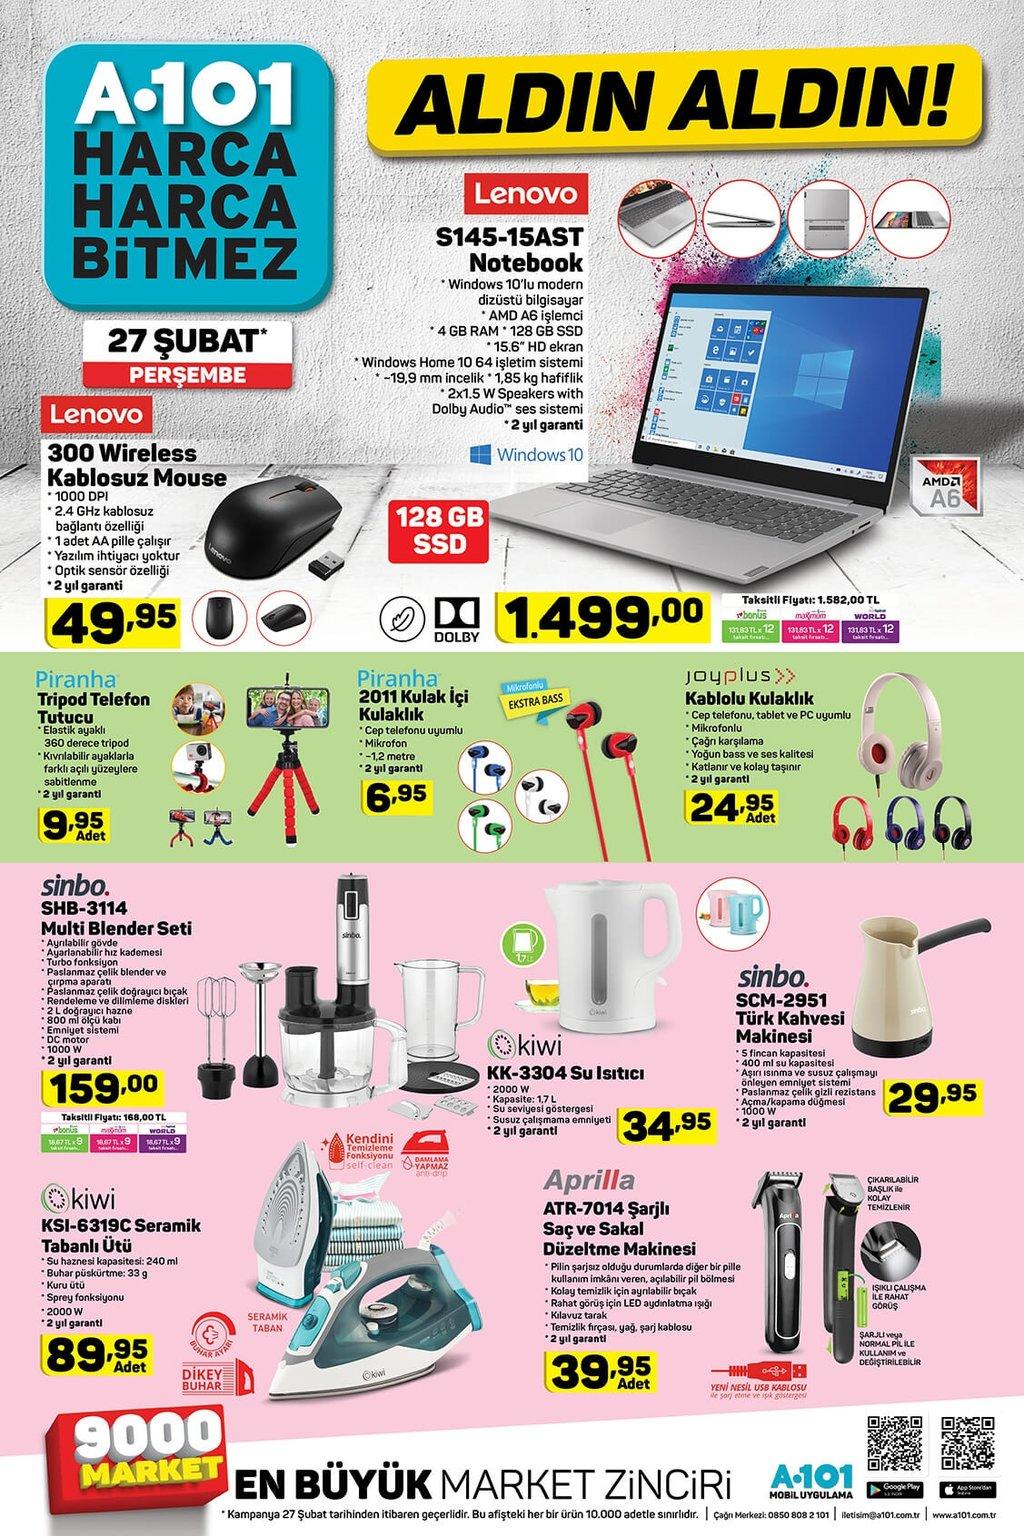 A101 aktüel ürünler kataloğu 27 Şubat Perşembe